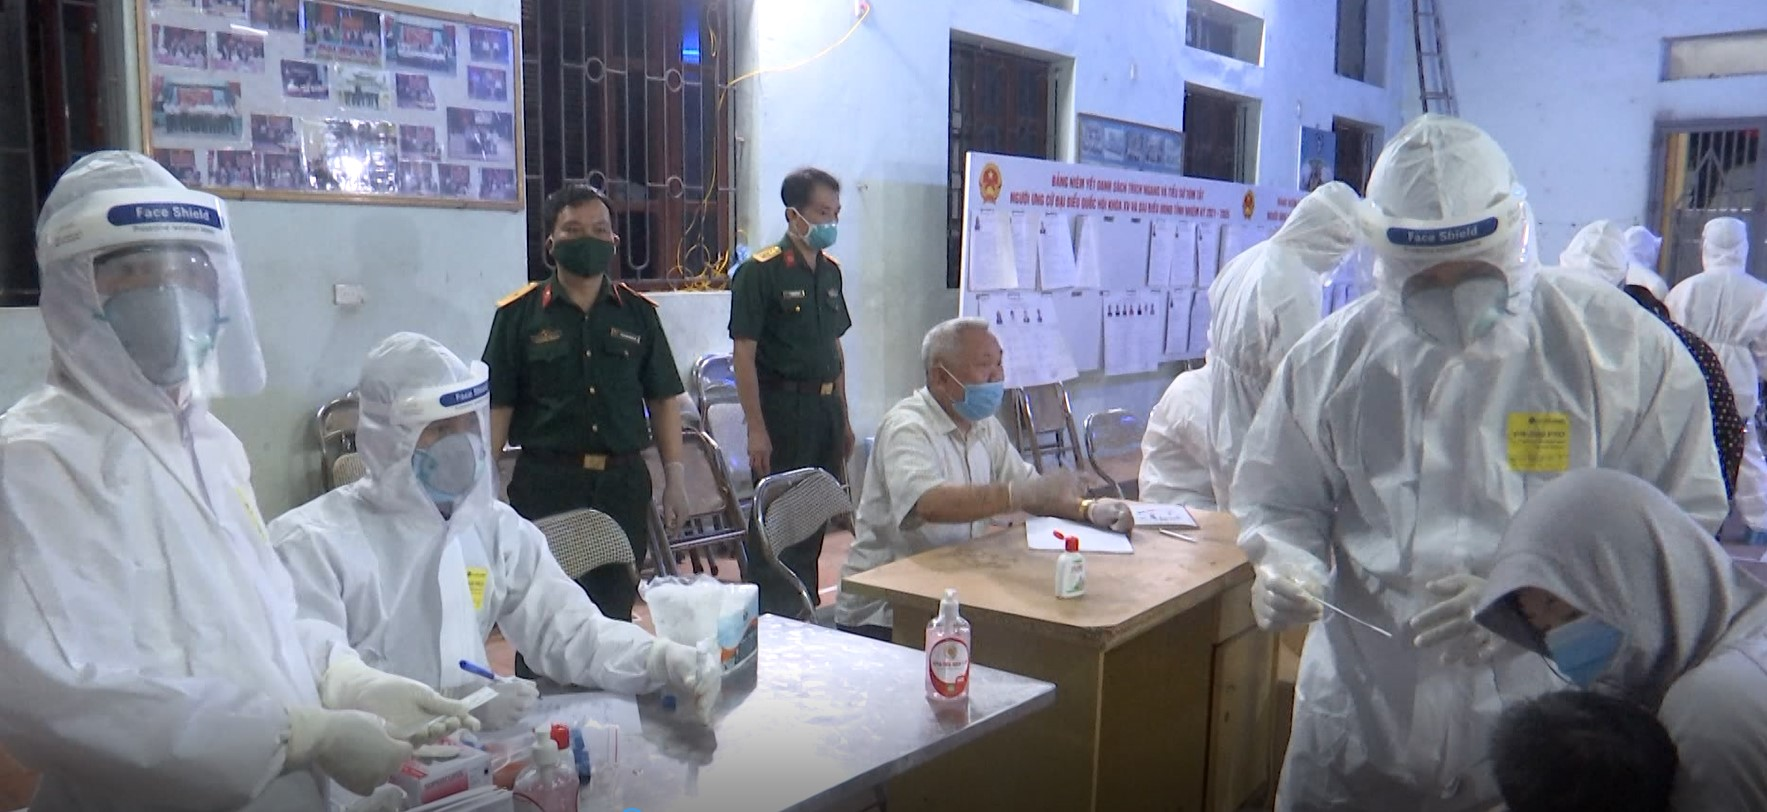 Bắc Ninh: Giãn cách xã hội toàn bộ huyện Thuận Thành từ 14h ngày 9/5 - Ảnh 1.